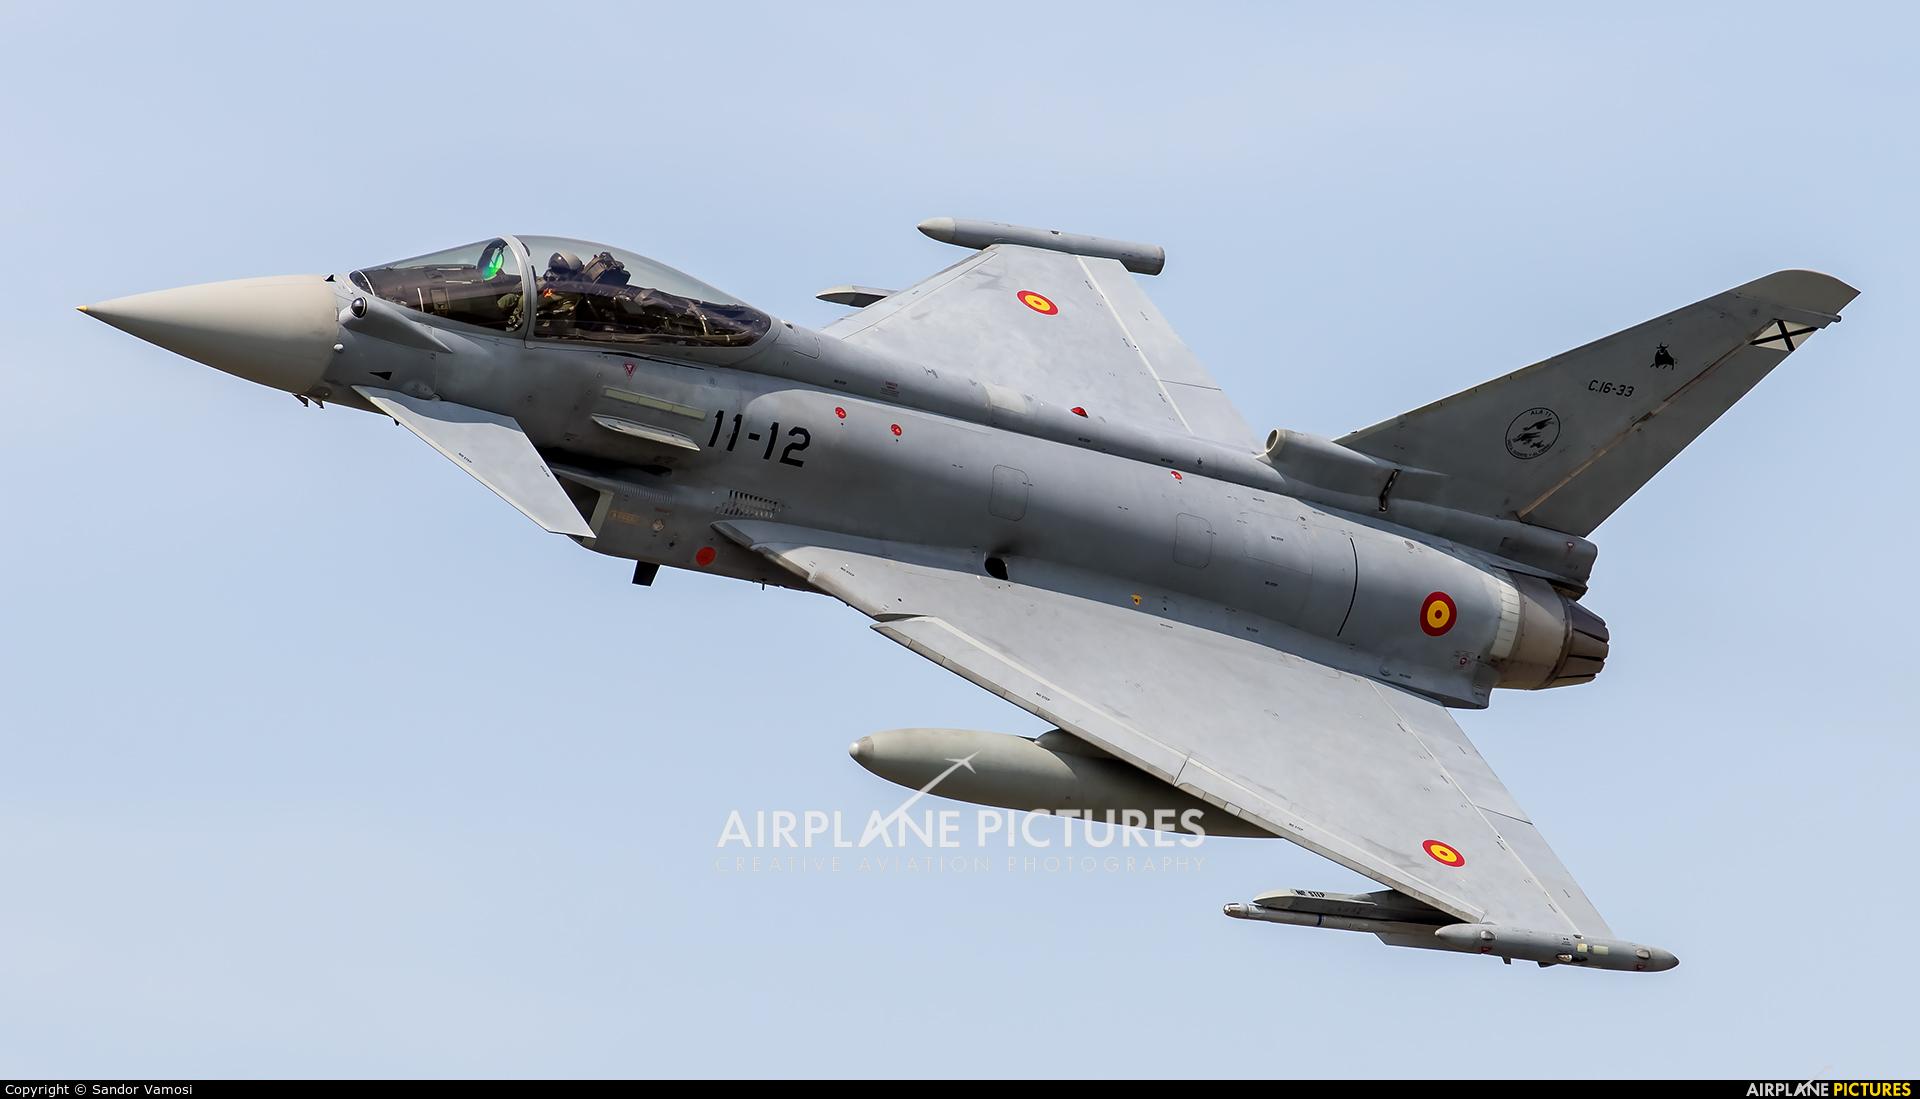 Spain - Air Force C.16-33 aircraft at Florennes